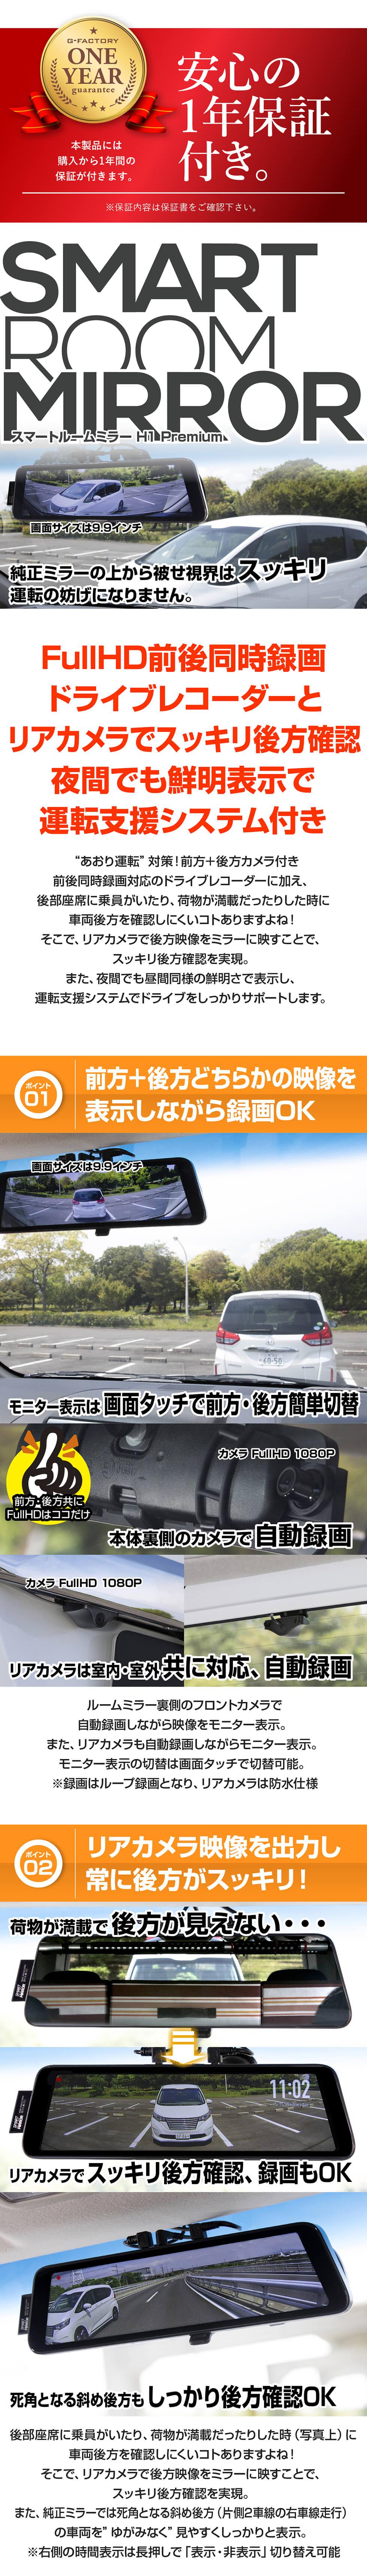 スマートルームミラー 前後ドラレコ付 純正ミラー交換タイプ ノイズ対策済 フルHD高画質 常時 衝撃録画 GPS搭載 駐車監視対応 9.9インチ液晶 ドライブレコーダー ミラーレコーダー ルームミラーレコーダー